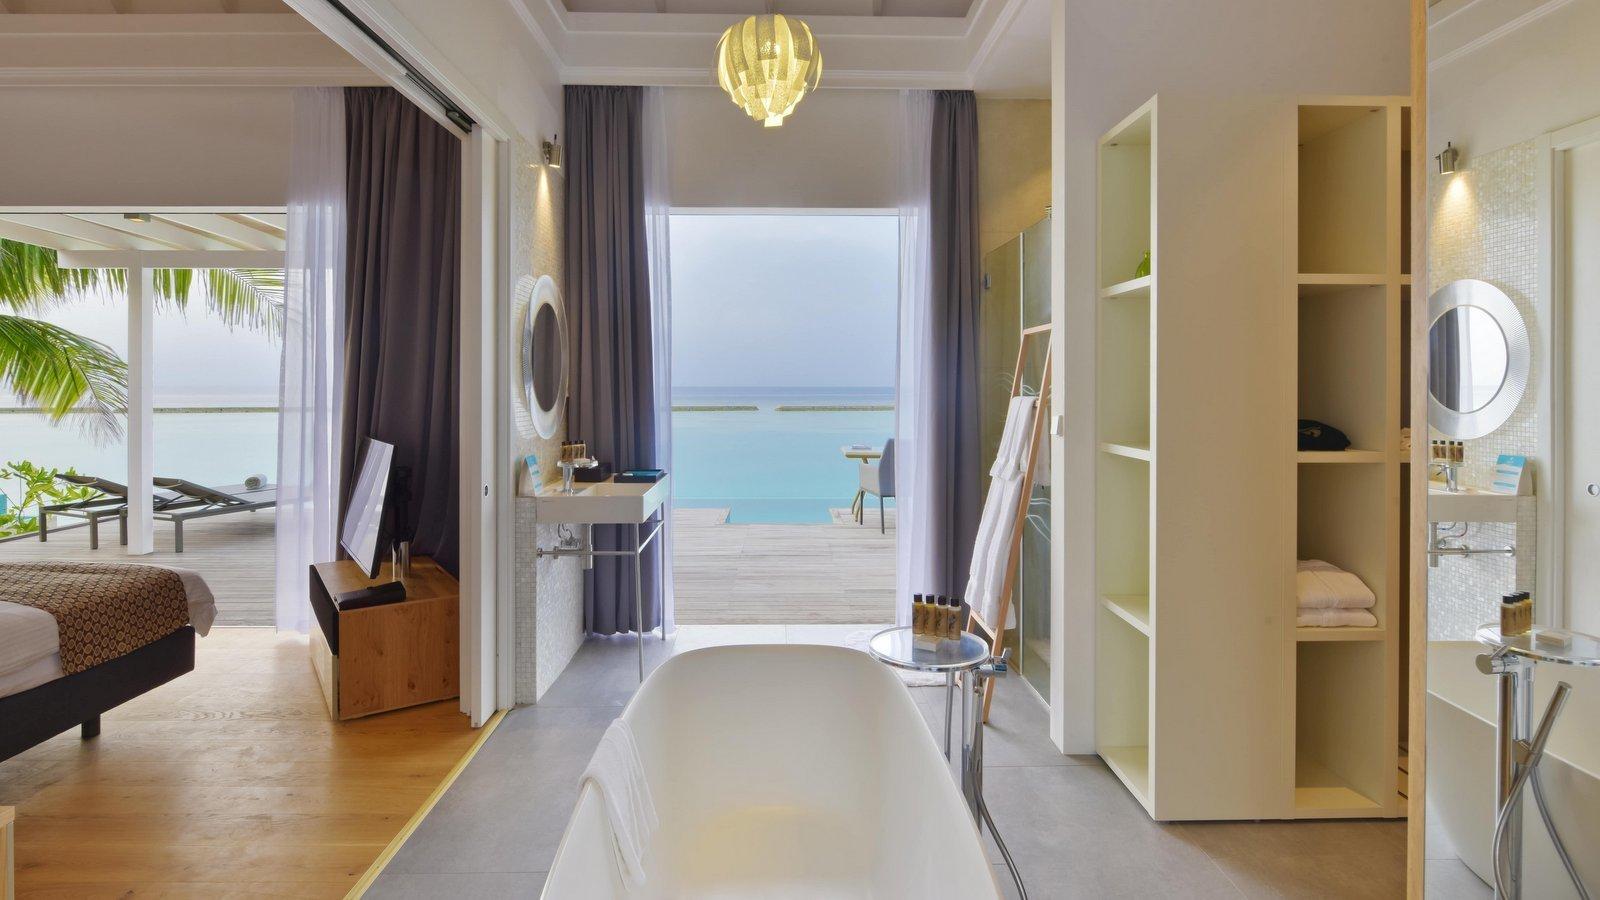 Мальдивы, отель Kuramathi Maldives, номер Pool Villa